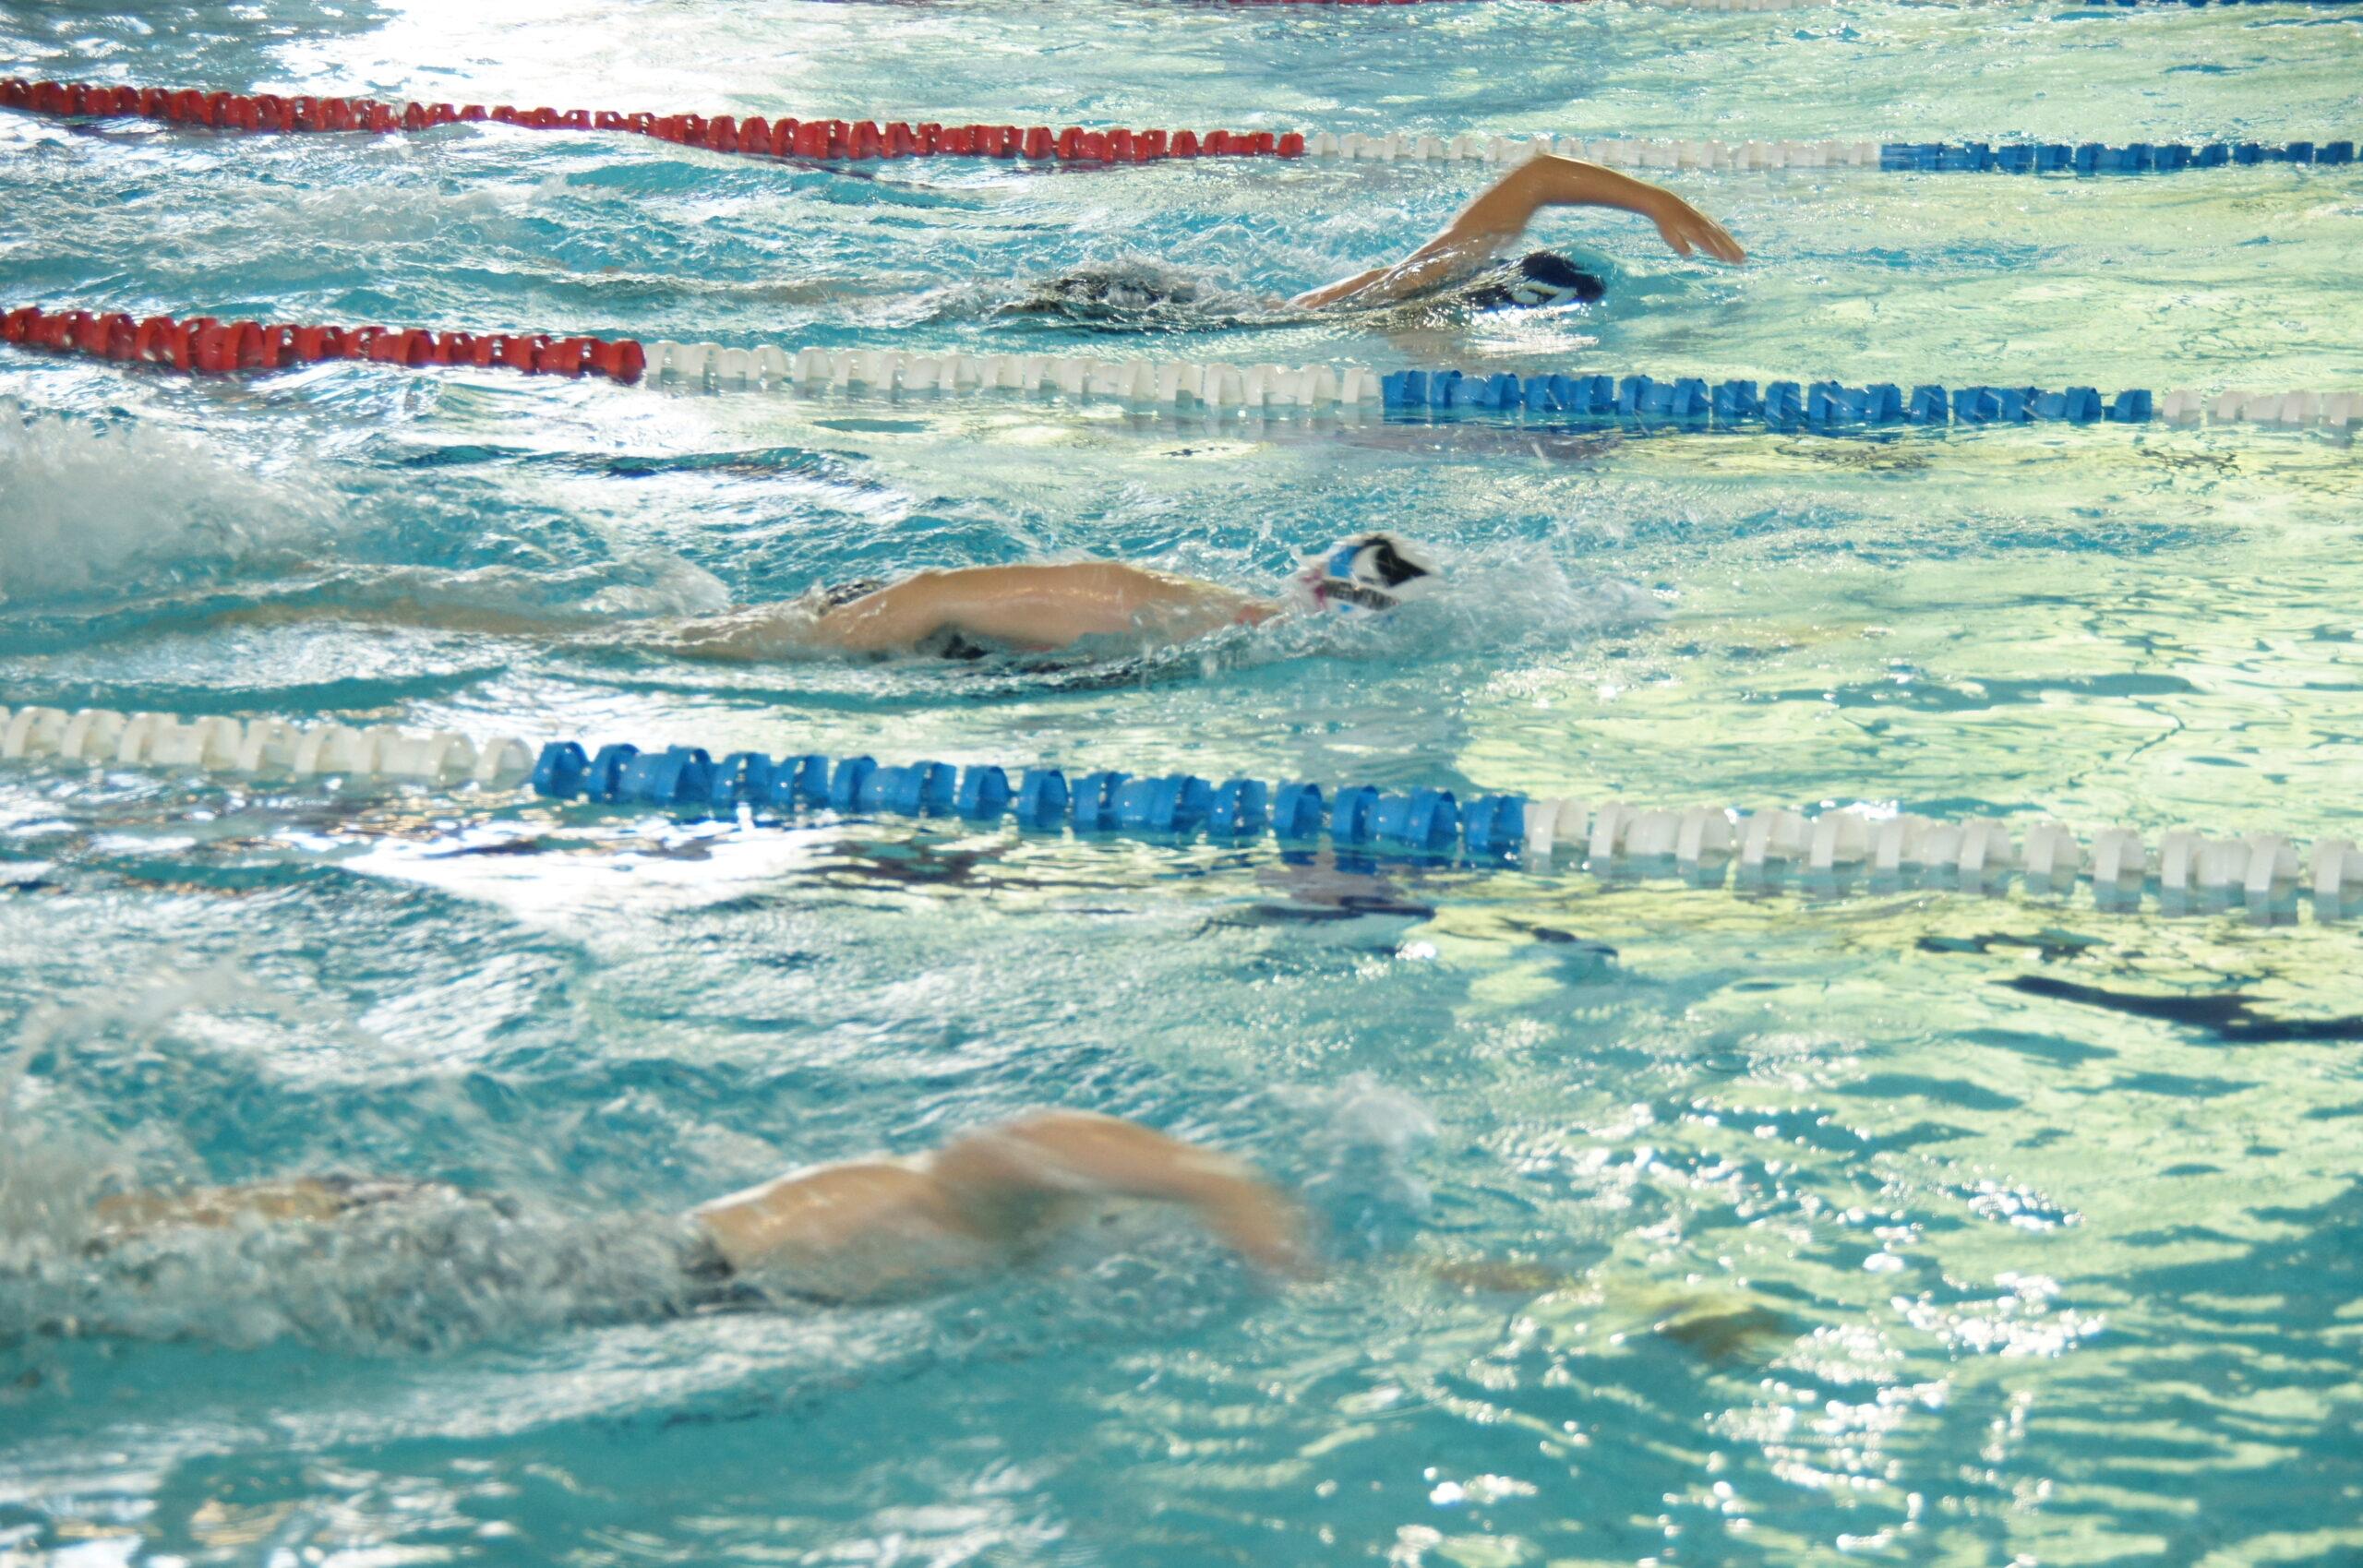 pływanie: Młodzi zawodnicy płyną w wodzie na pływalni.